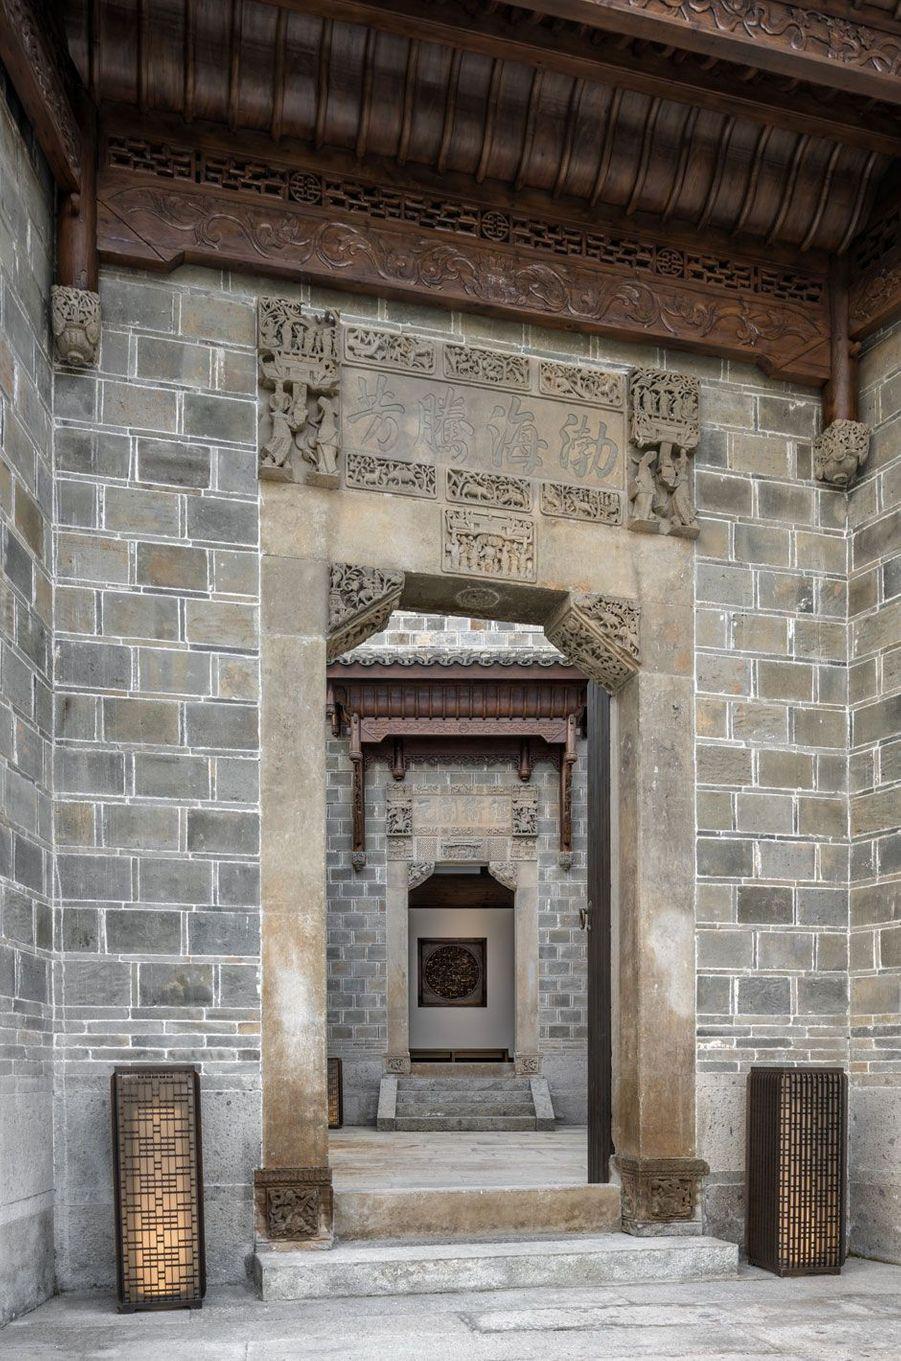 L'entrée de la plus vaste villa et la plus chère: jusqu'à 12 000 euros la nuit